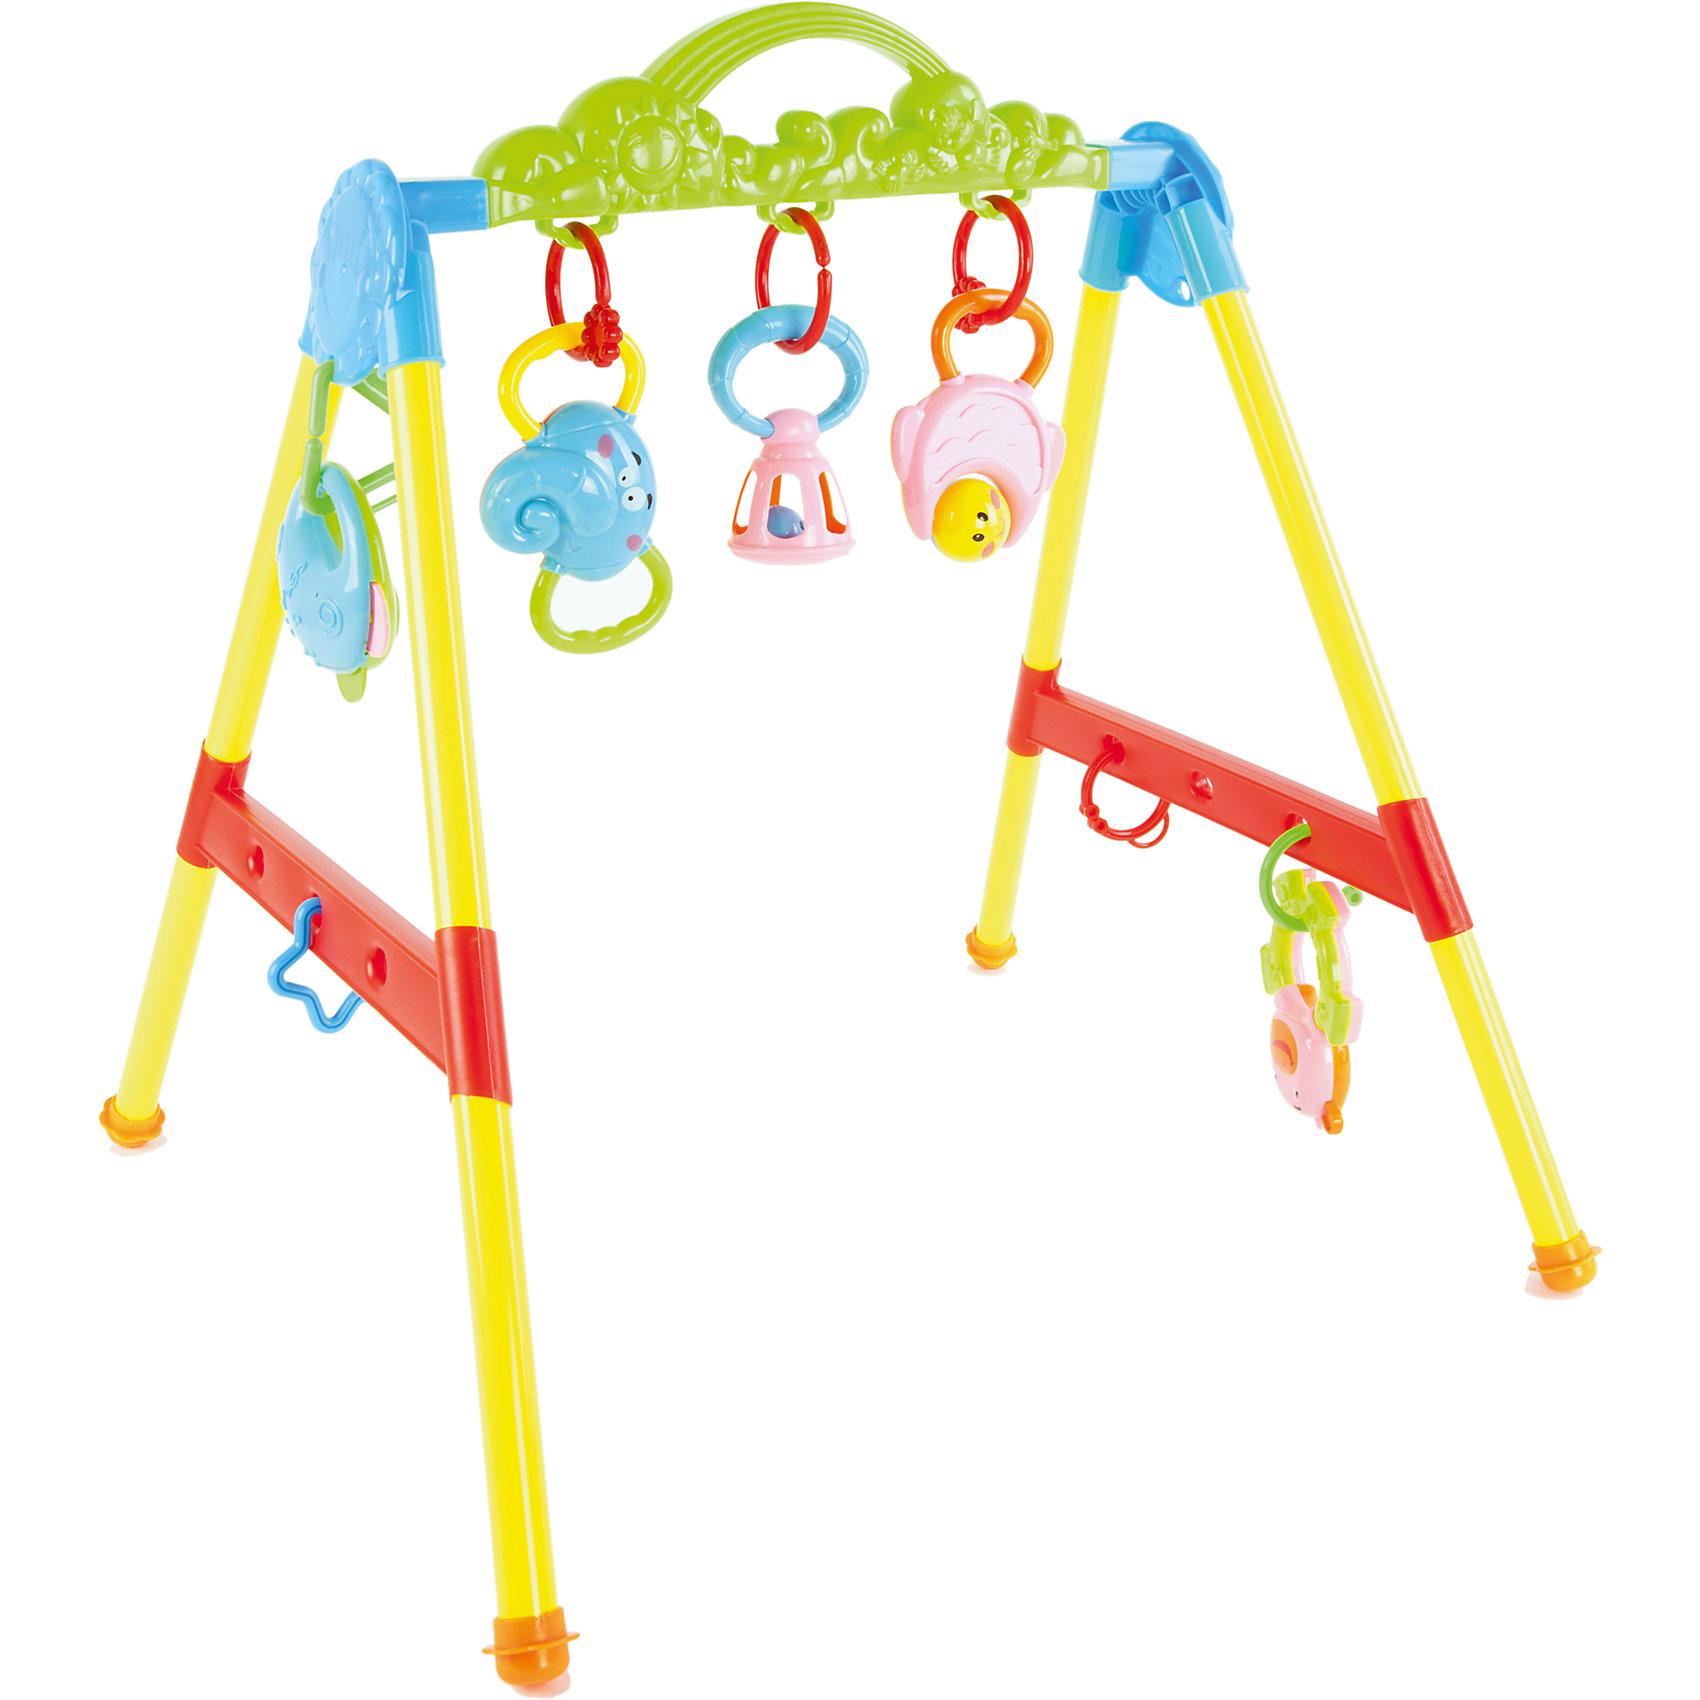 Игровой комплекс Малыш-2, Shantou GepaiИгровые столики и центры<br>Игровой комплекс Малыш-2, Shantou Gepai – это веселый модуль-игрушка, с которым так весело играть и развиваться! Модуль ставится на плоскую поверхность и к нему прикрепляются игрушки-подвески. С этим модулем можно играть как лежа, так и сидя, а когда придет время, с ним можно и научиться стоять и играть. Яркие цвета модуля придут малышу по вкусу и помогут ему развить цветовосприятие, а текстурные игрушки и погремушки поспособствуют развитию звукового и тактильного восприятия.<br>Дополнительная информация:<br><br>- В комплект входит: 1 игровой комплекс, игрушки-подвески<br>- Материал: АБС пластик<br>- Размер: 50 * 8,5 * 23,5 см<br><br>Игровой комплекс Малыш-2, Shantou Gepai можно купить в нашем интернет-магазине.<br><br>Подробнее:<br>• Для детей в возрасте: от 3 месяцев до 3 лет<br>• Номер товара: 4925504<br>Страна производитель: Китай<br><br>Ширина мм: 500<br>Глубина мм: 85<br>Высота мм: 235<br>Вес г: 2406<br>Возраст от месяцев: 3<br>Возраст до месяцев: 36<br>Пол: Унисекс<br>Возраст: Детский<br>SKU: 4925504